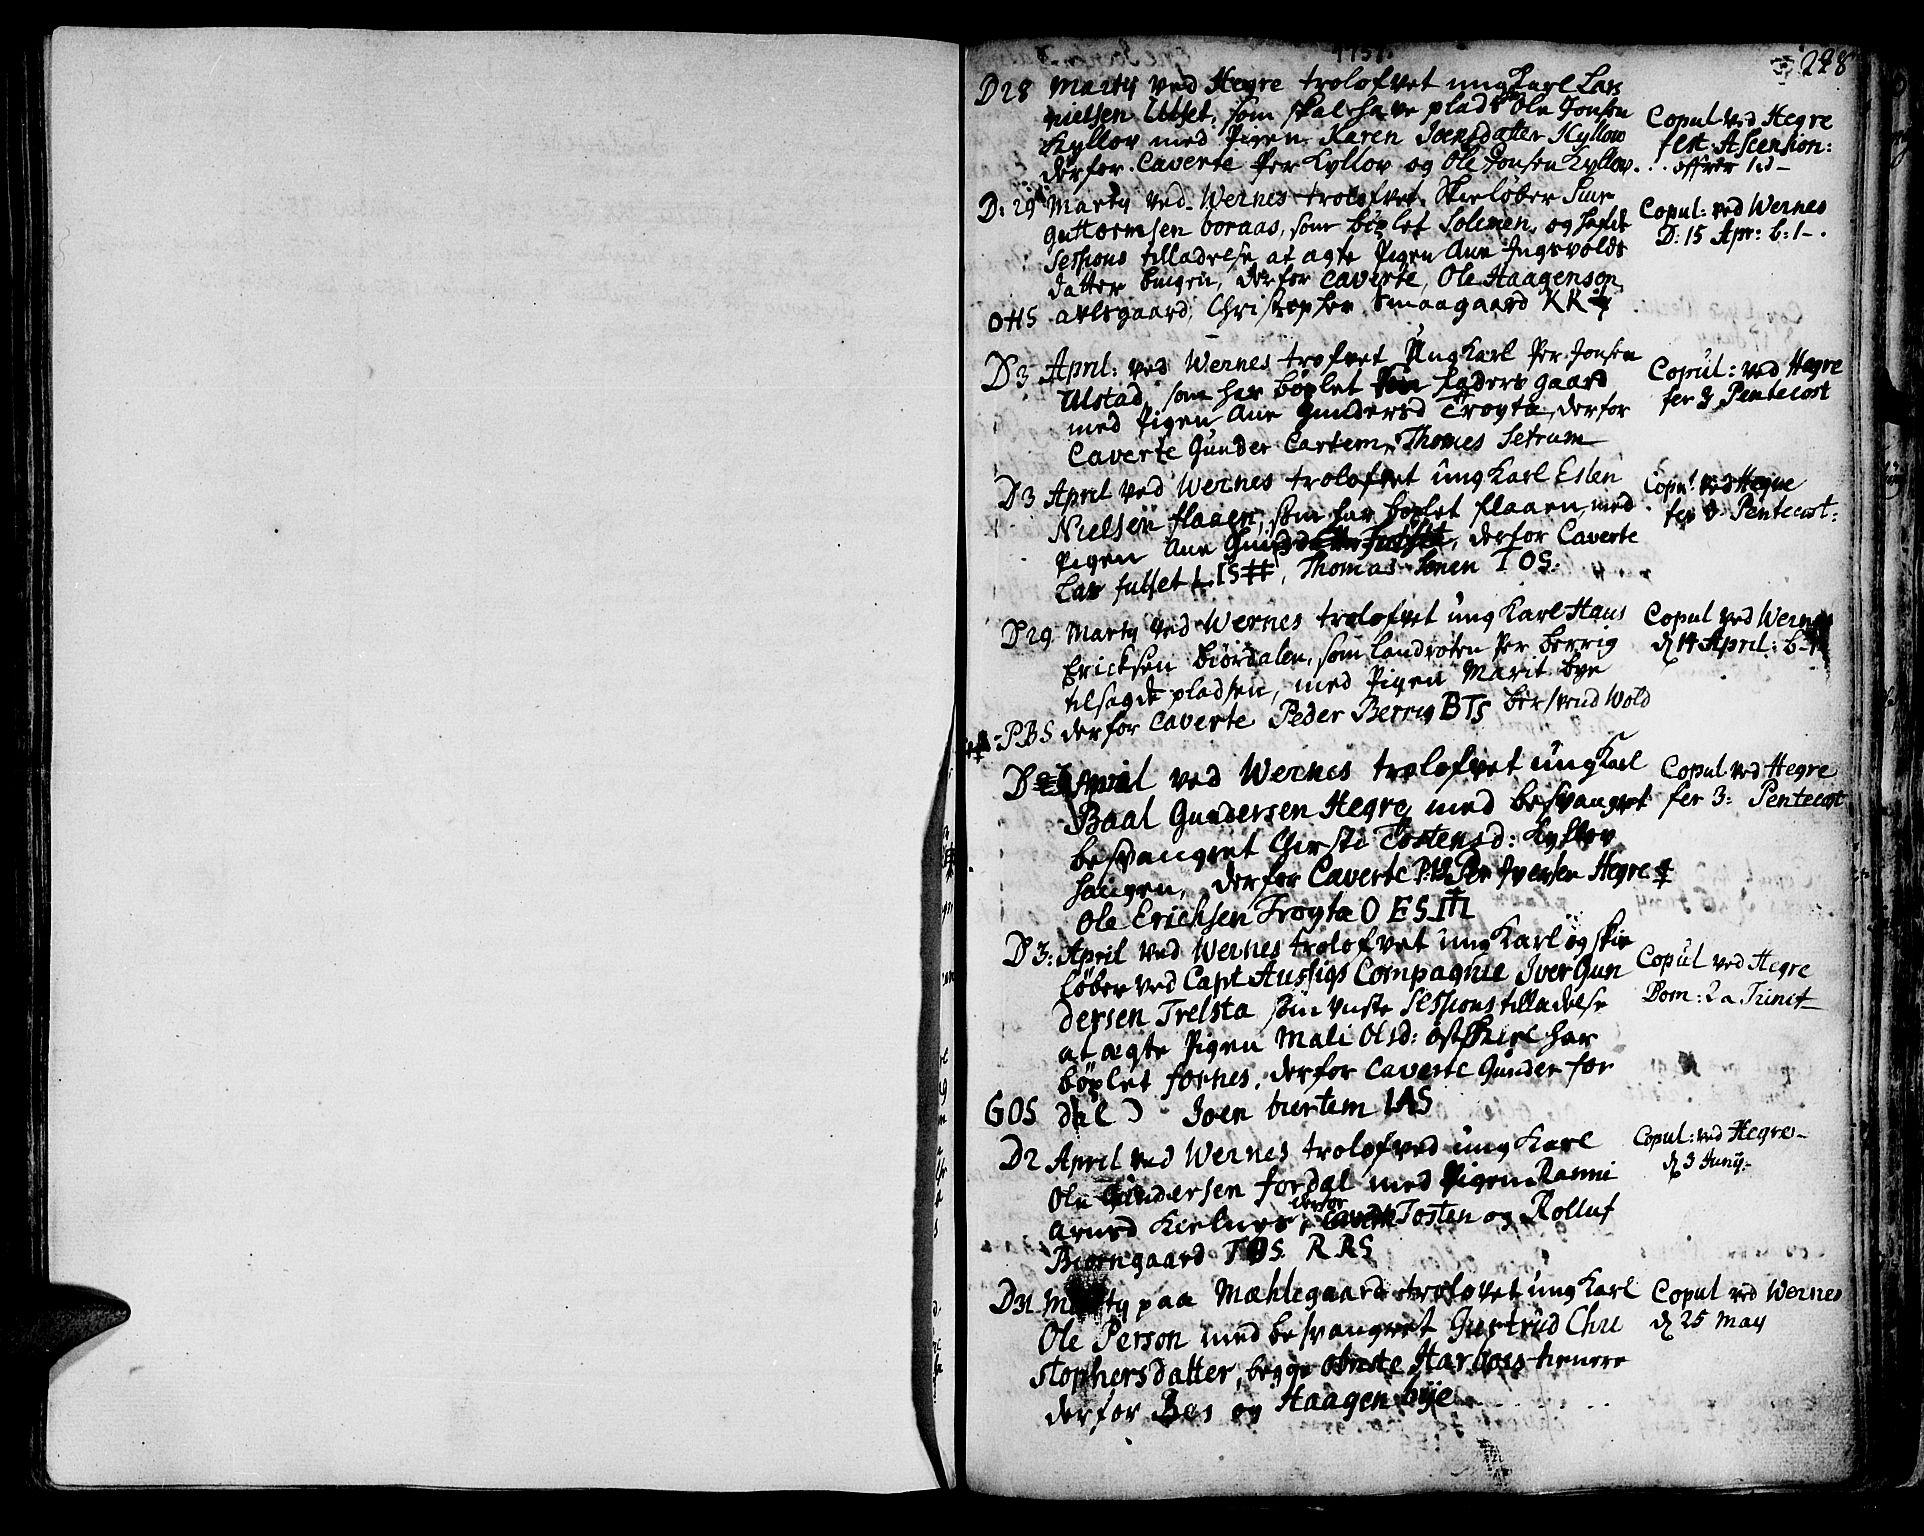 SAT, Ministerialprotokoller, klokkerbøker og fødselsregistre - Nord-Trøndelag, 709/L0056: Ministerialbok nr. 709A04, 1740-1756, s. 228